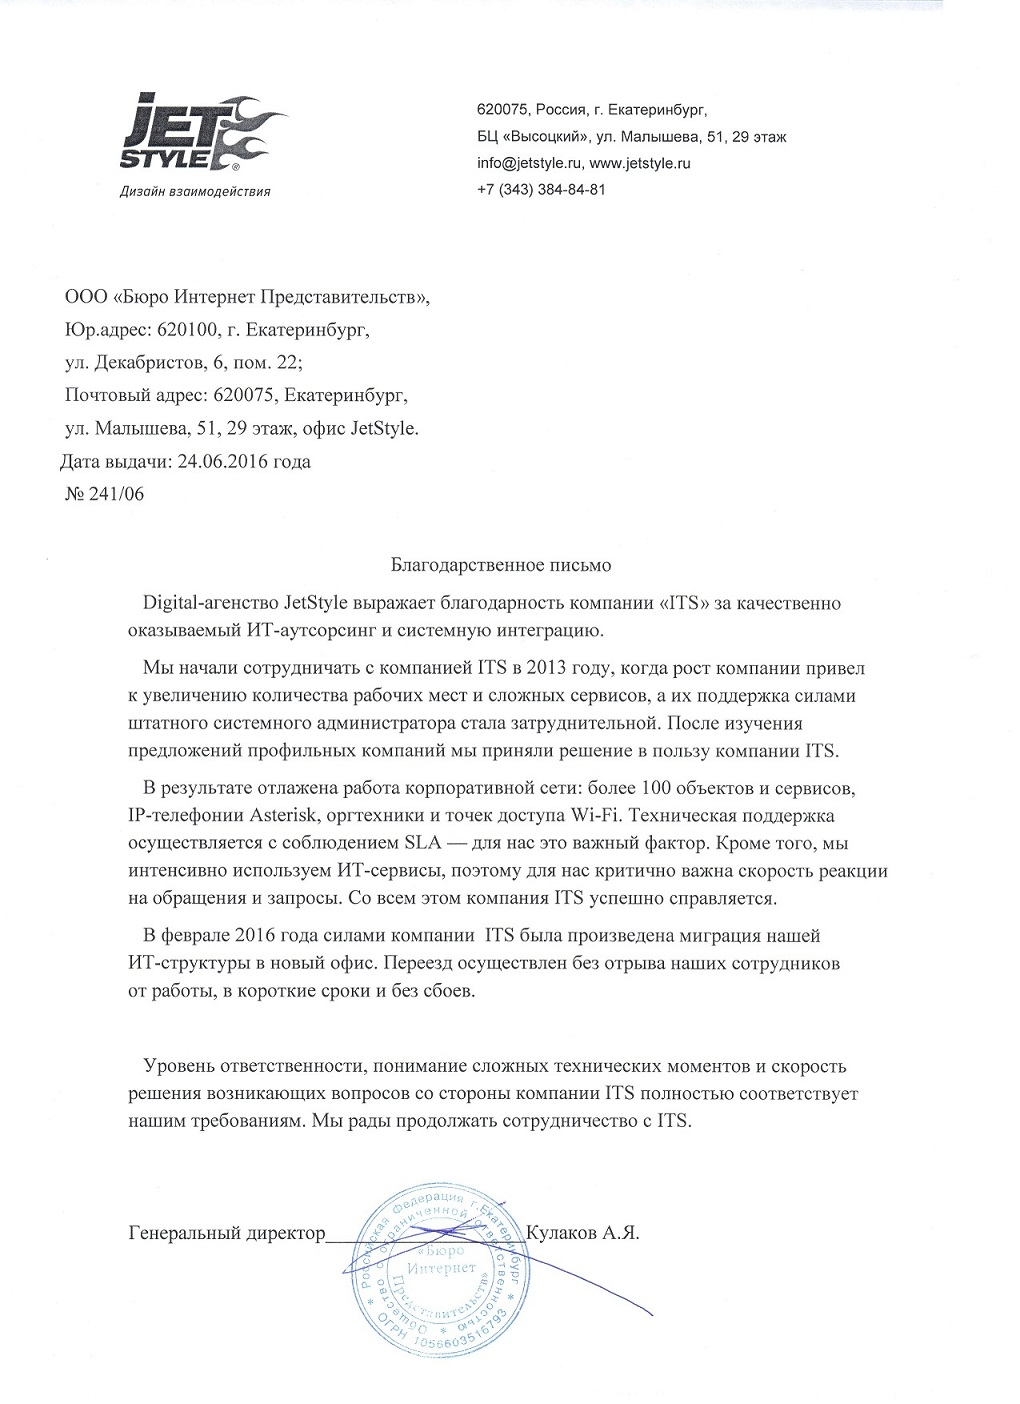 Отзыв об ИТ аутсорсинге БИП Москва